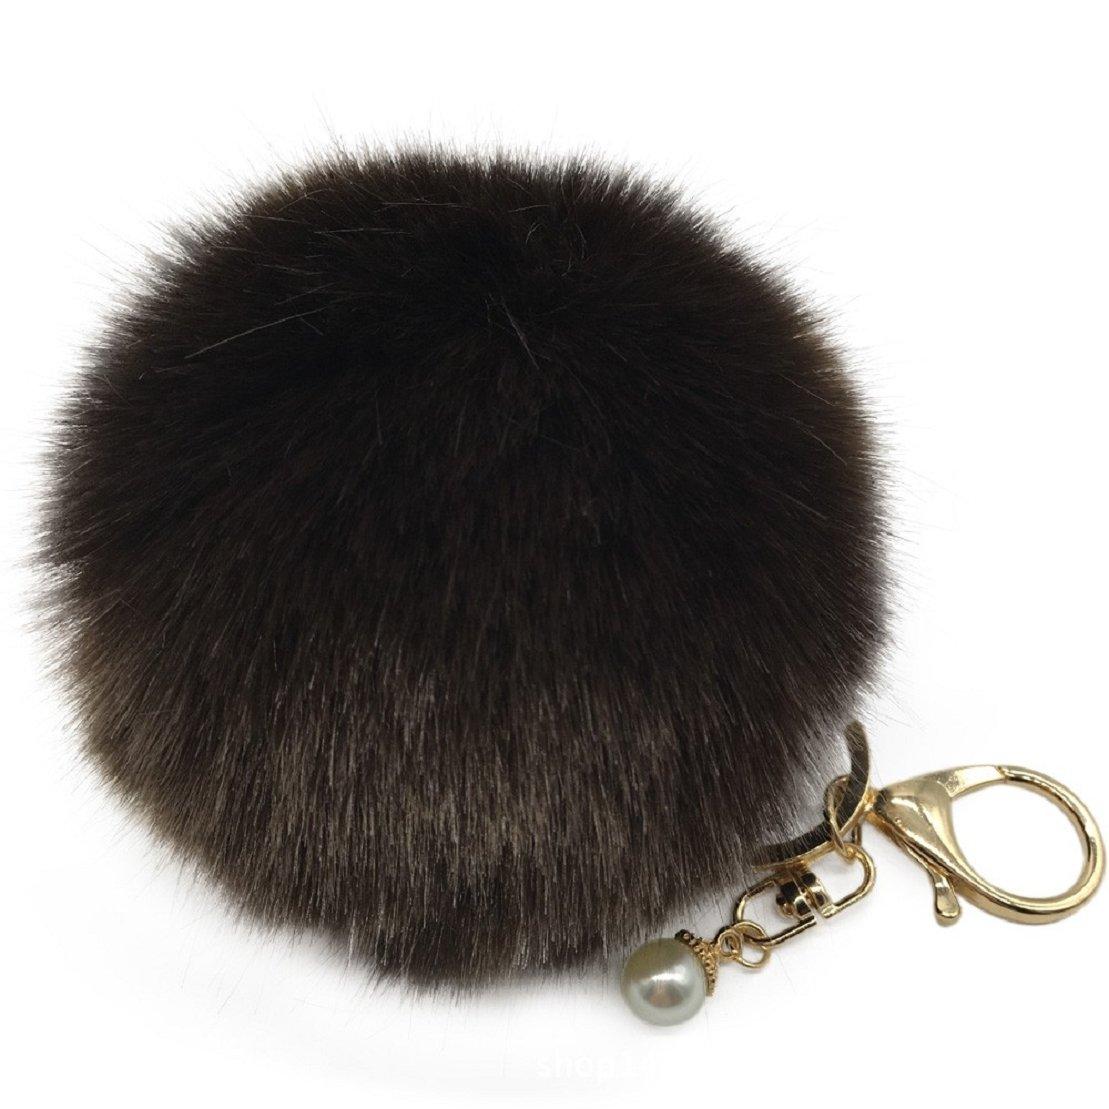 Amiley Fluffy Faux Rabbit Fur Ball Charm Pom Pom Car Keychain Handbag Key Ring (Coffee)